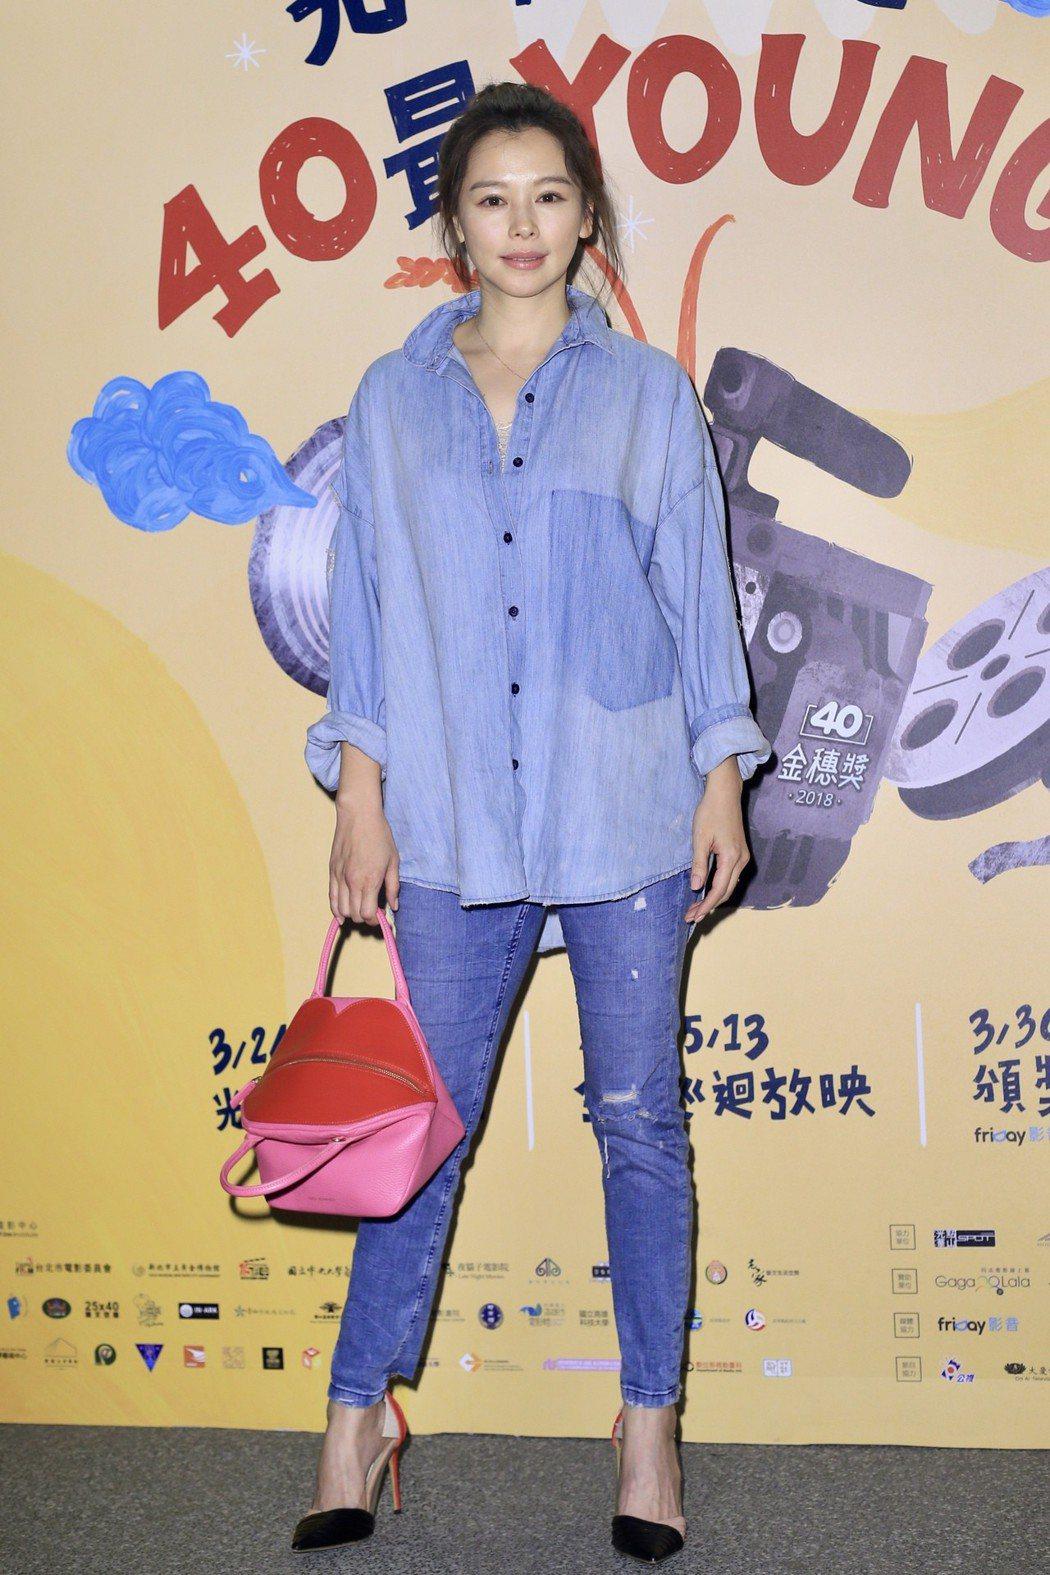 金穗獎閉幕片放映「阿青,回家了」,藝人徐若瑄出席觀賞。記者林伯東/攝影